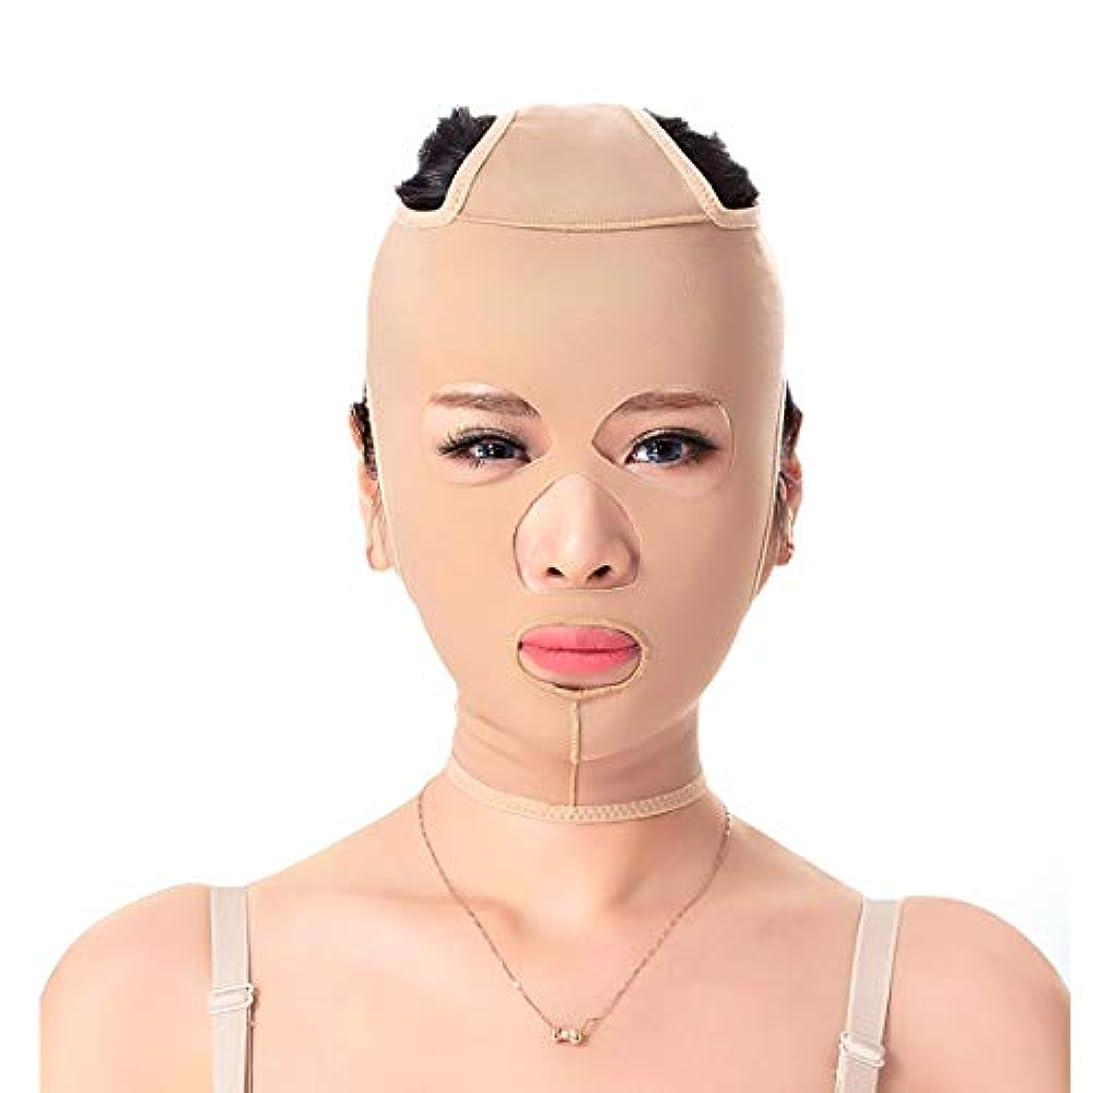 霊武装解除梨GLJJQMY 減量ベルトマスクフェイスマスクマスクパターン強化二重あご引き締め顔面顔面強力なフェイスリフティング包帯 顔用整形マスク (Size : XXL)